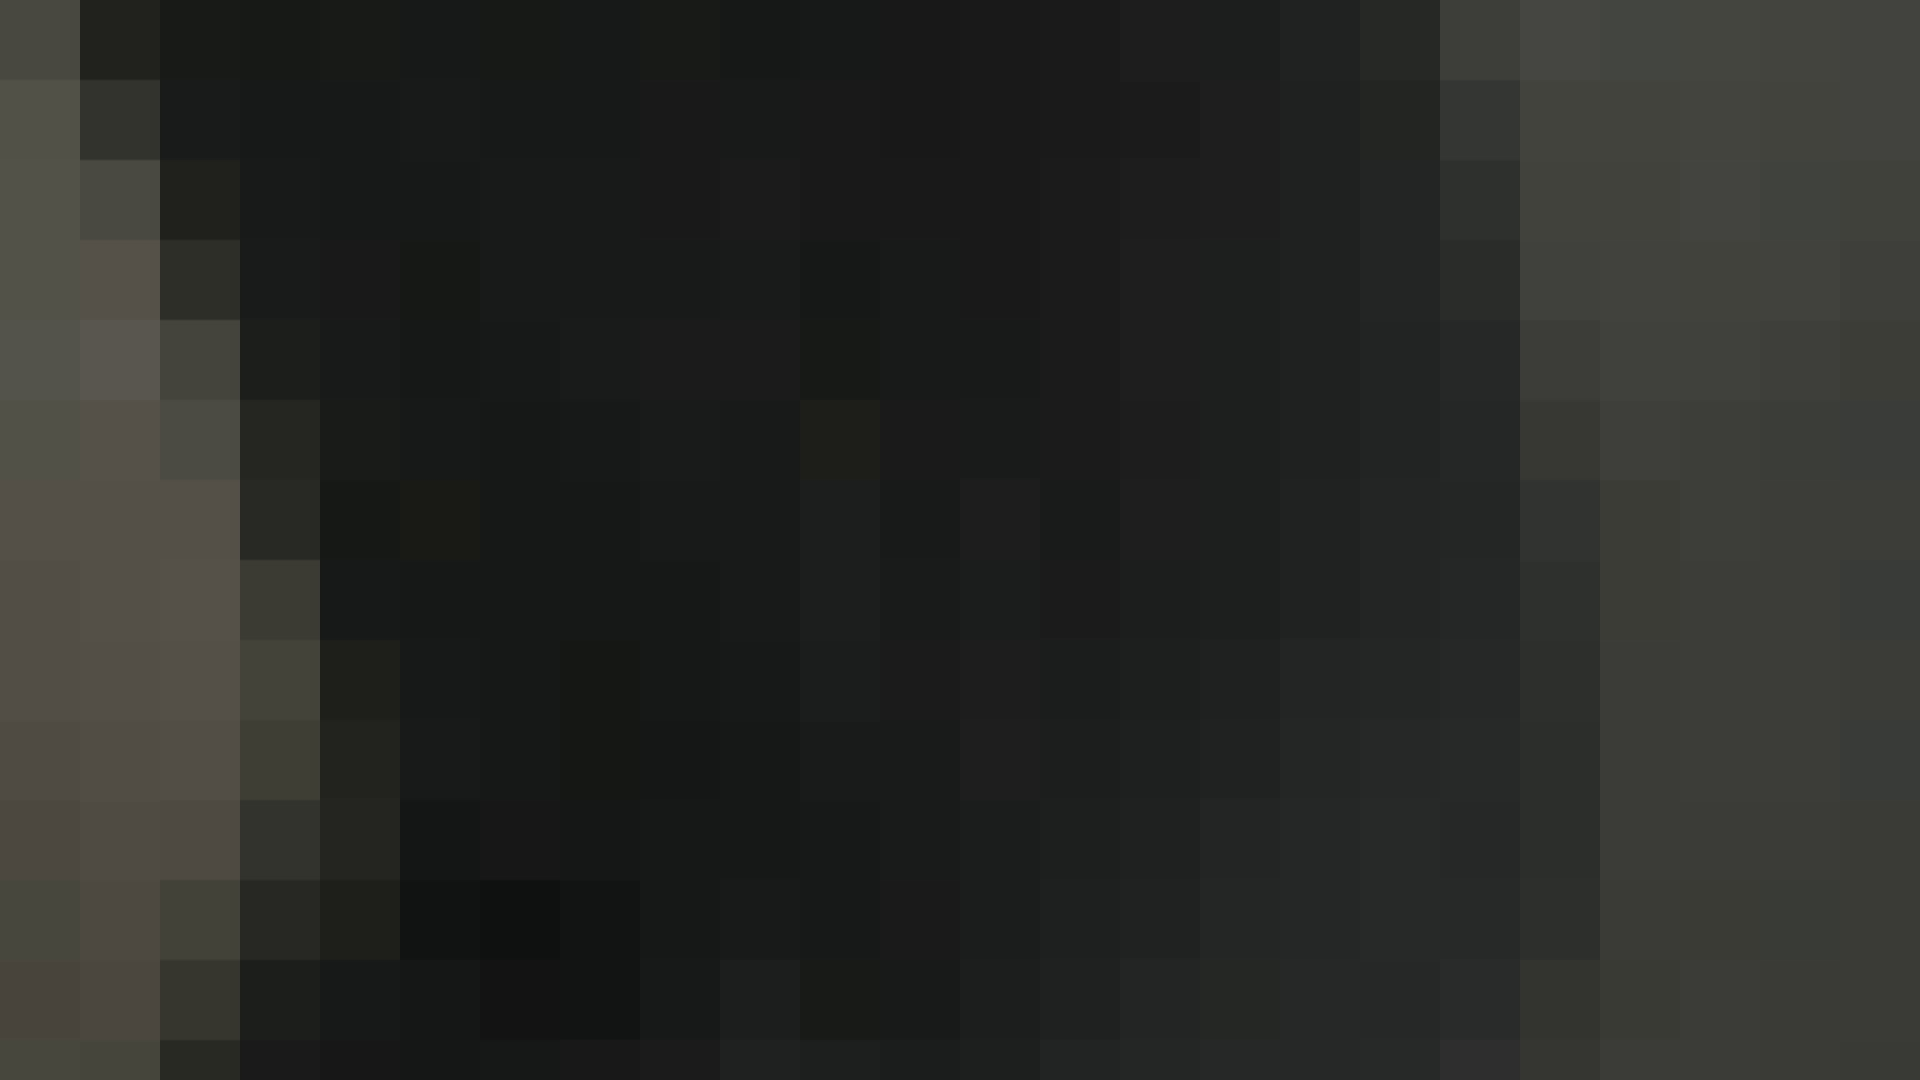 洗面所特攻隊 vol.002今回も鮮明です お姉さん攻略  104画像 21